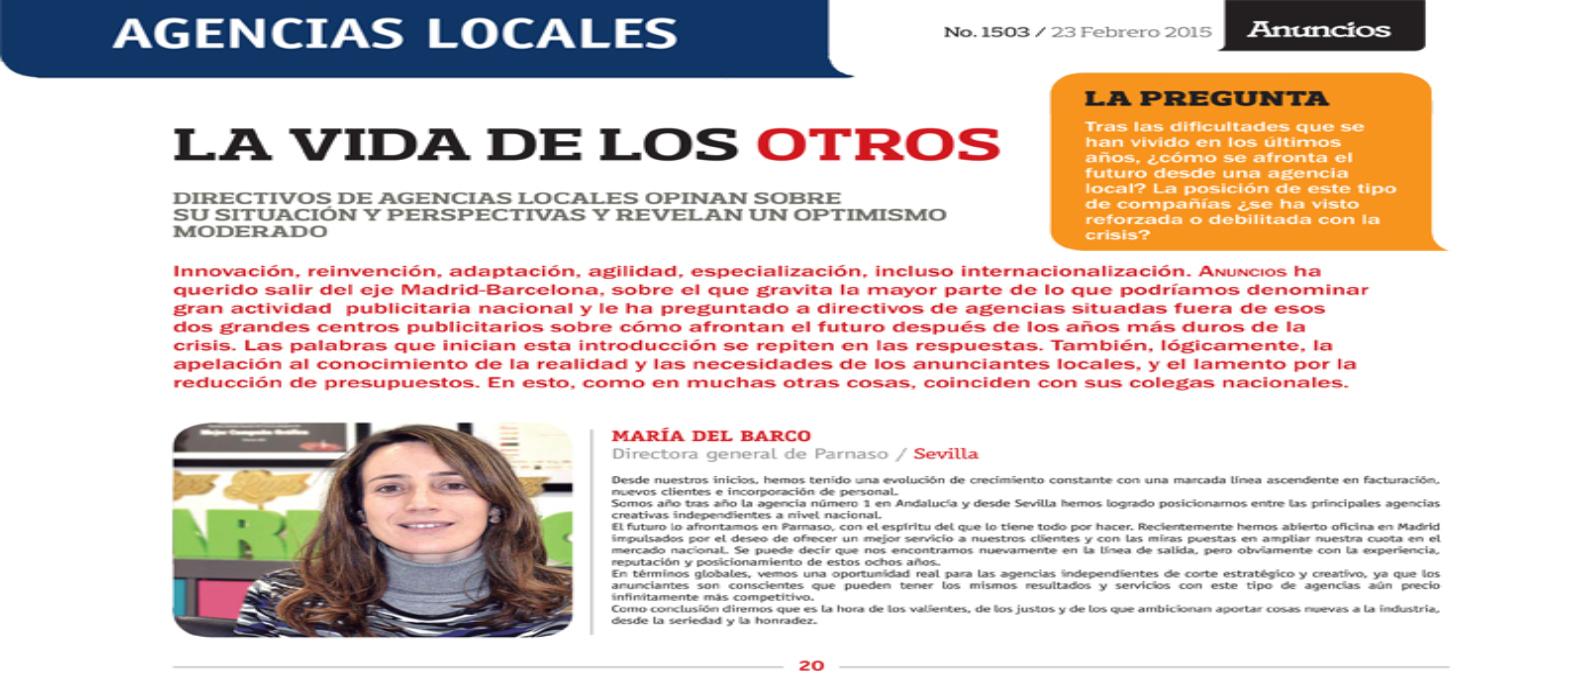 agencia local